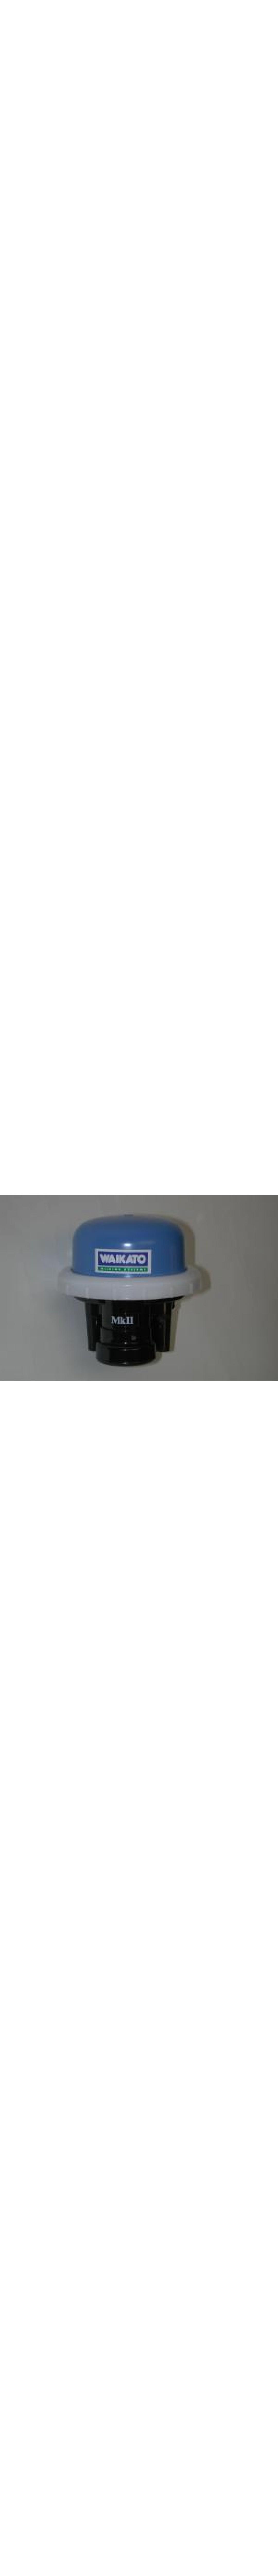 Waikato MK2 Pulsator